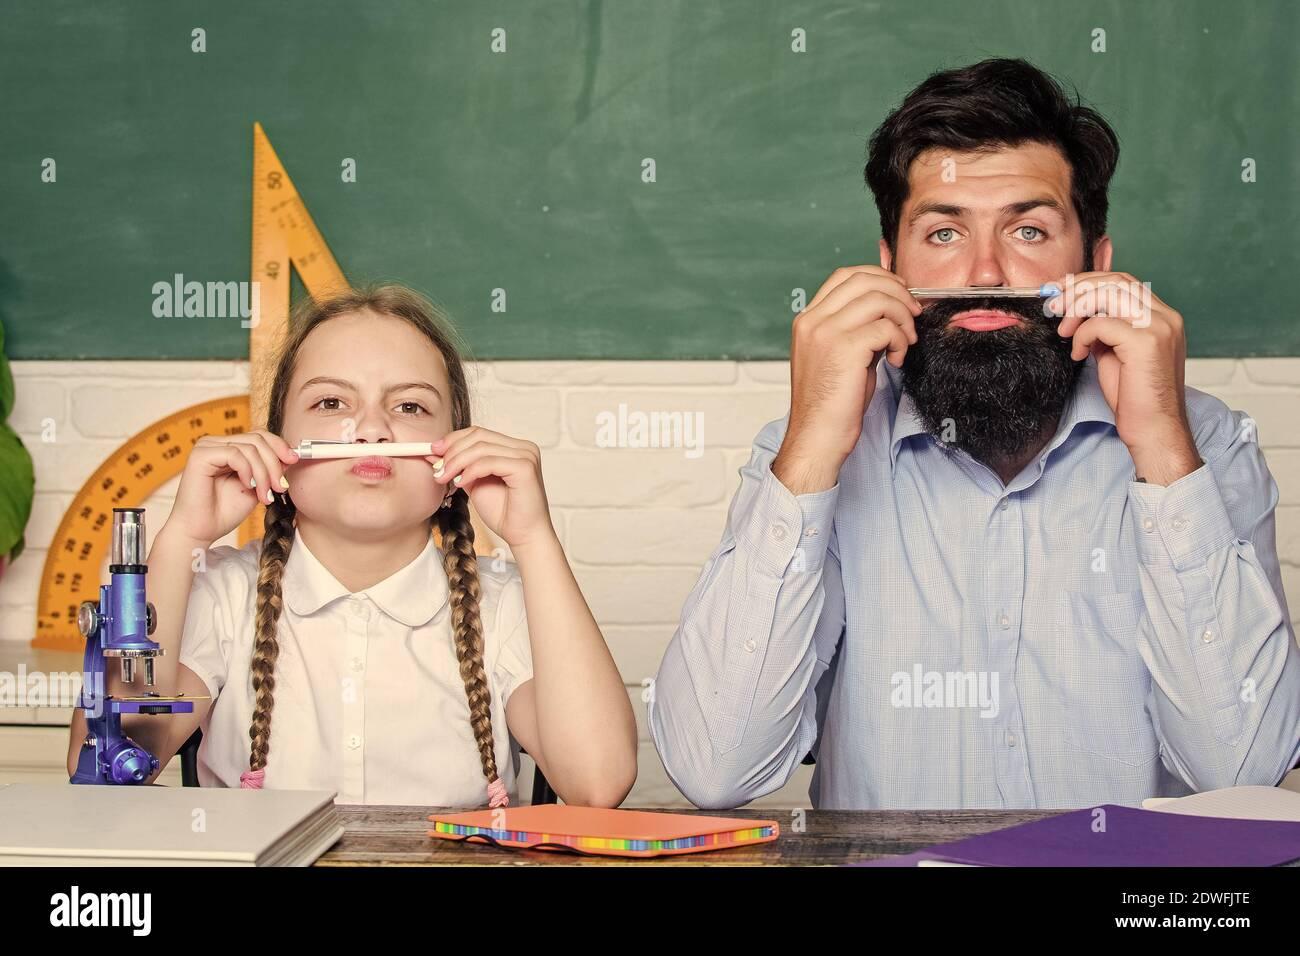 Lehrer Knallt Schulmädchen